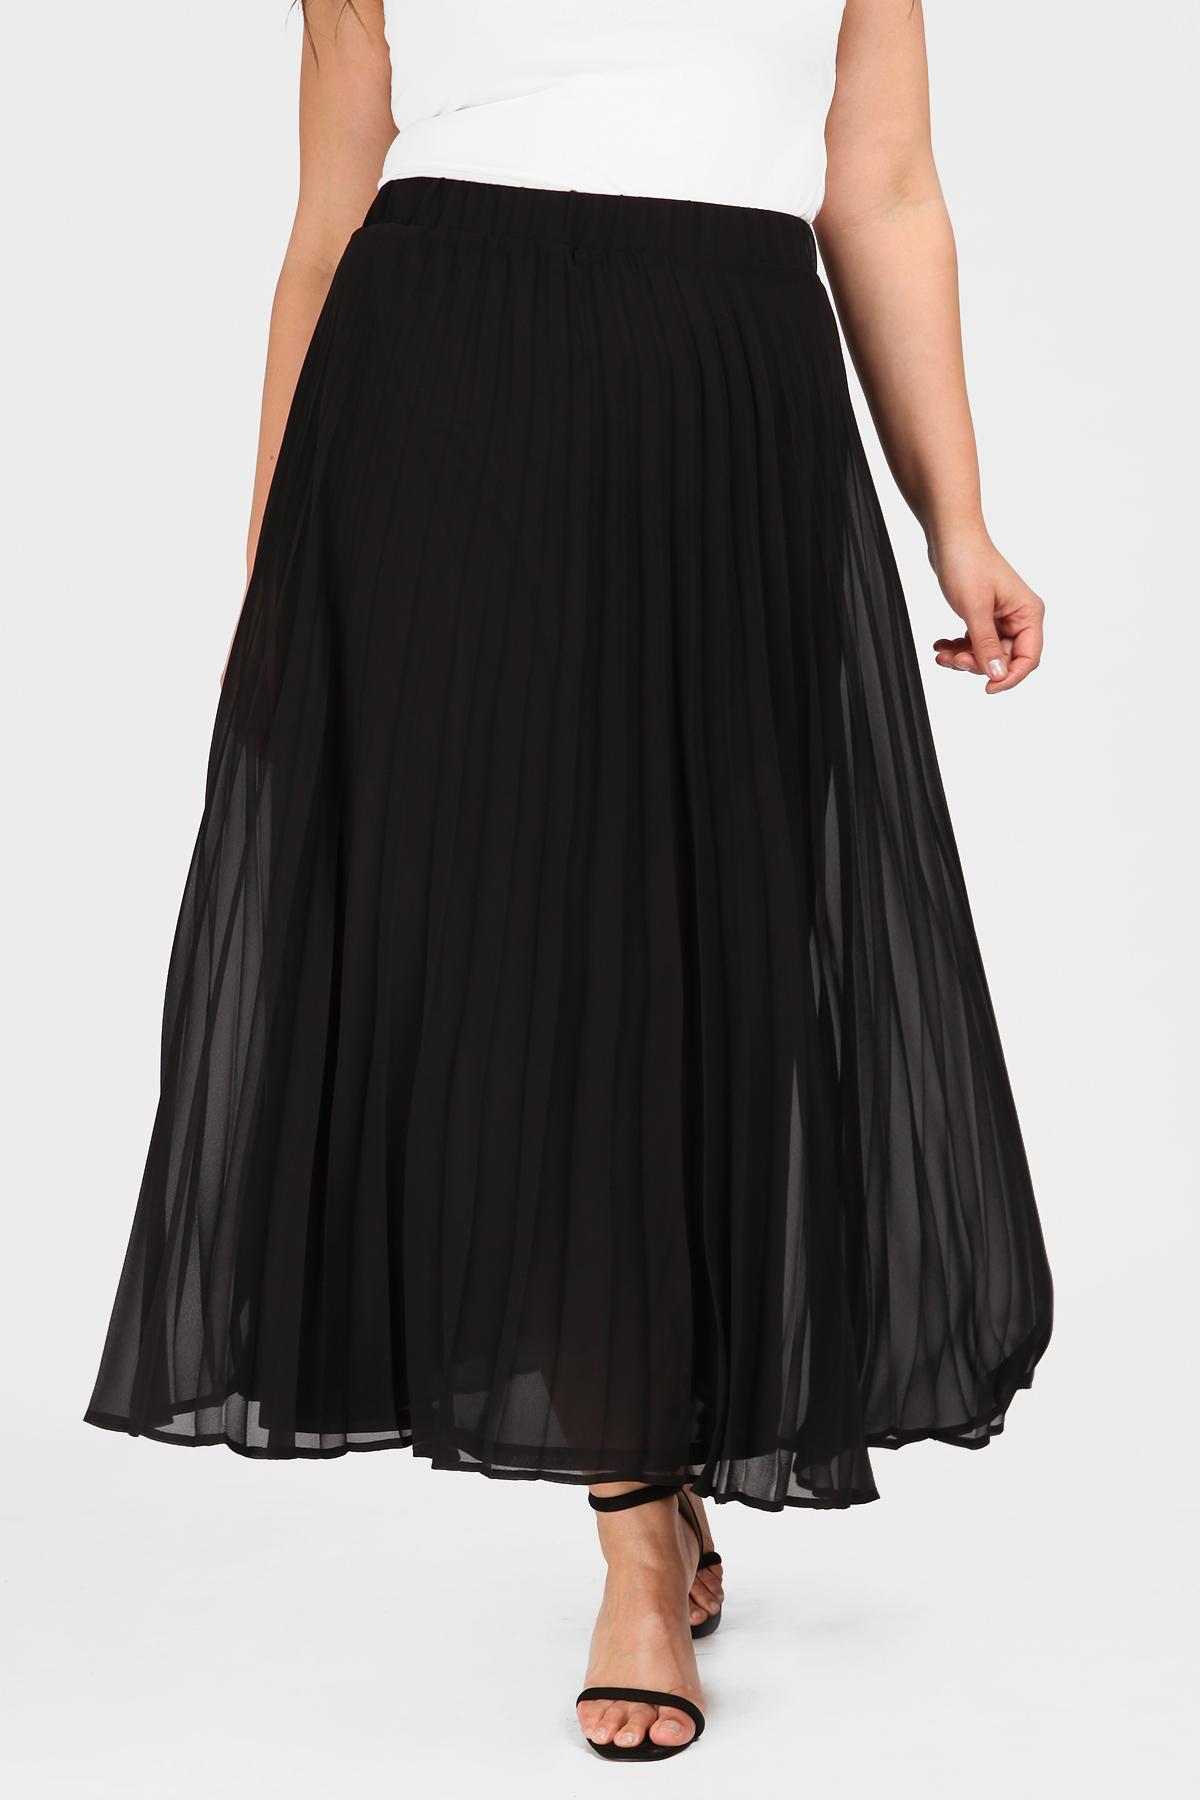 c303b4d90eb SizePlusOnly | Γυναικεία Ρούχα Μεγάλα Μεγέθη | Parabita | foustes ...